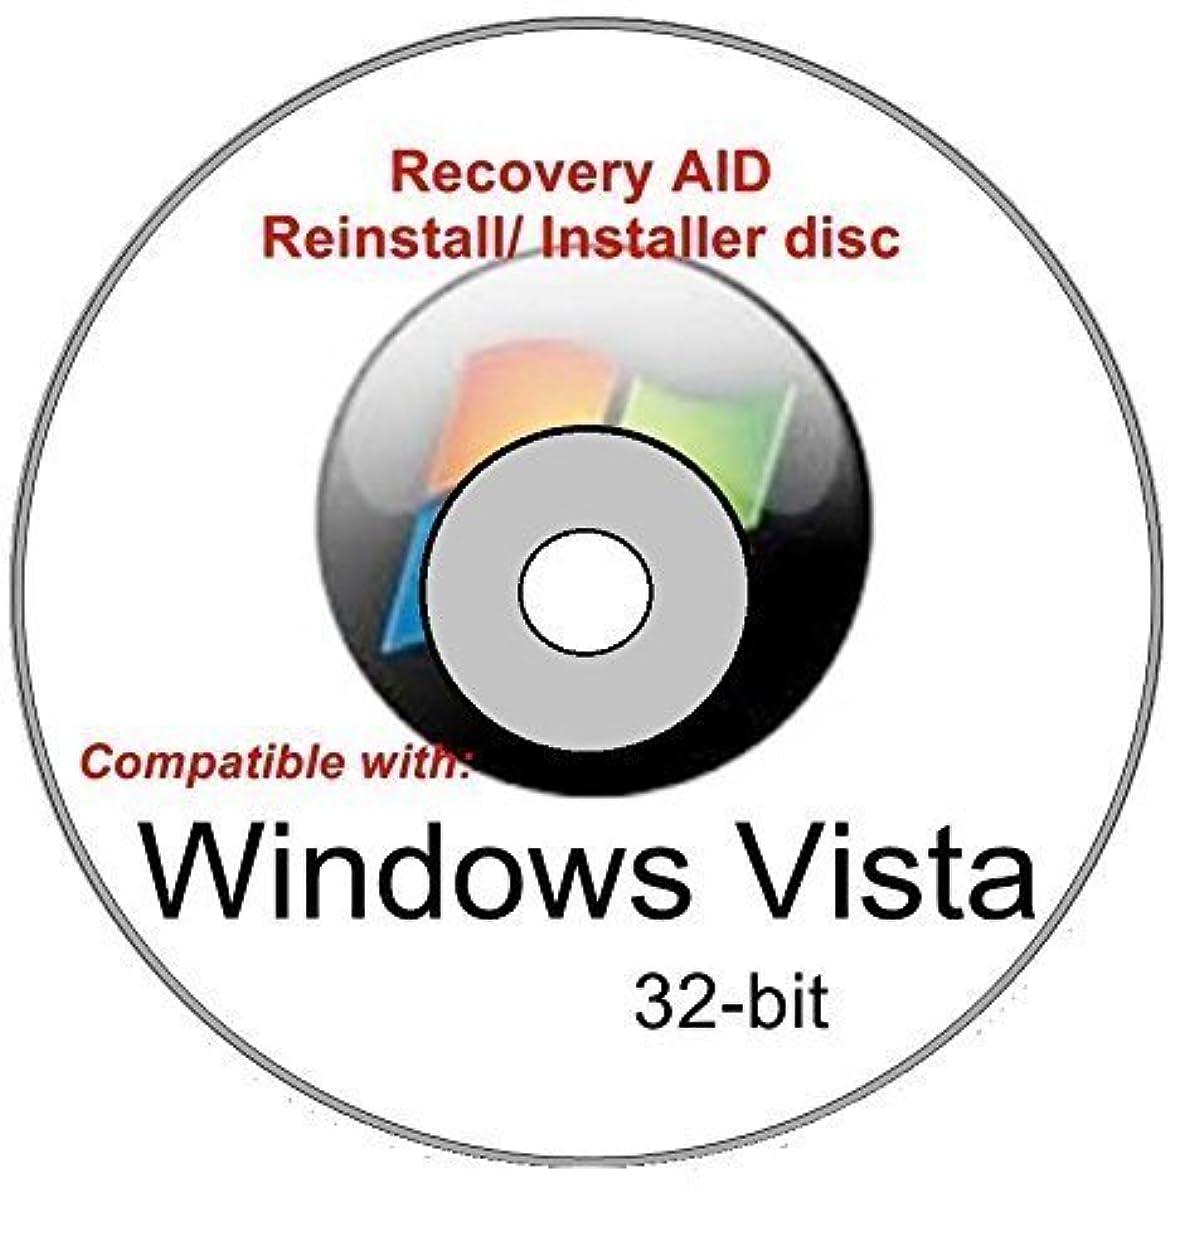 狂乱刺激する祈りWindows Vista Home Basic 32-bit New Full Re Install Operating System Boot Disc - Repair Restore Recover DVD